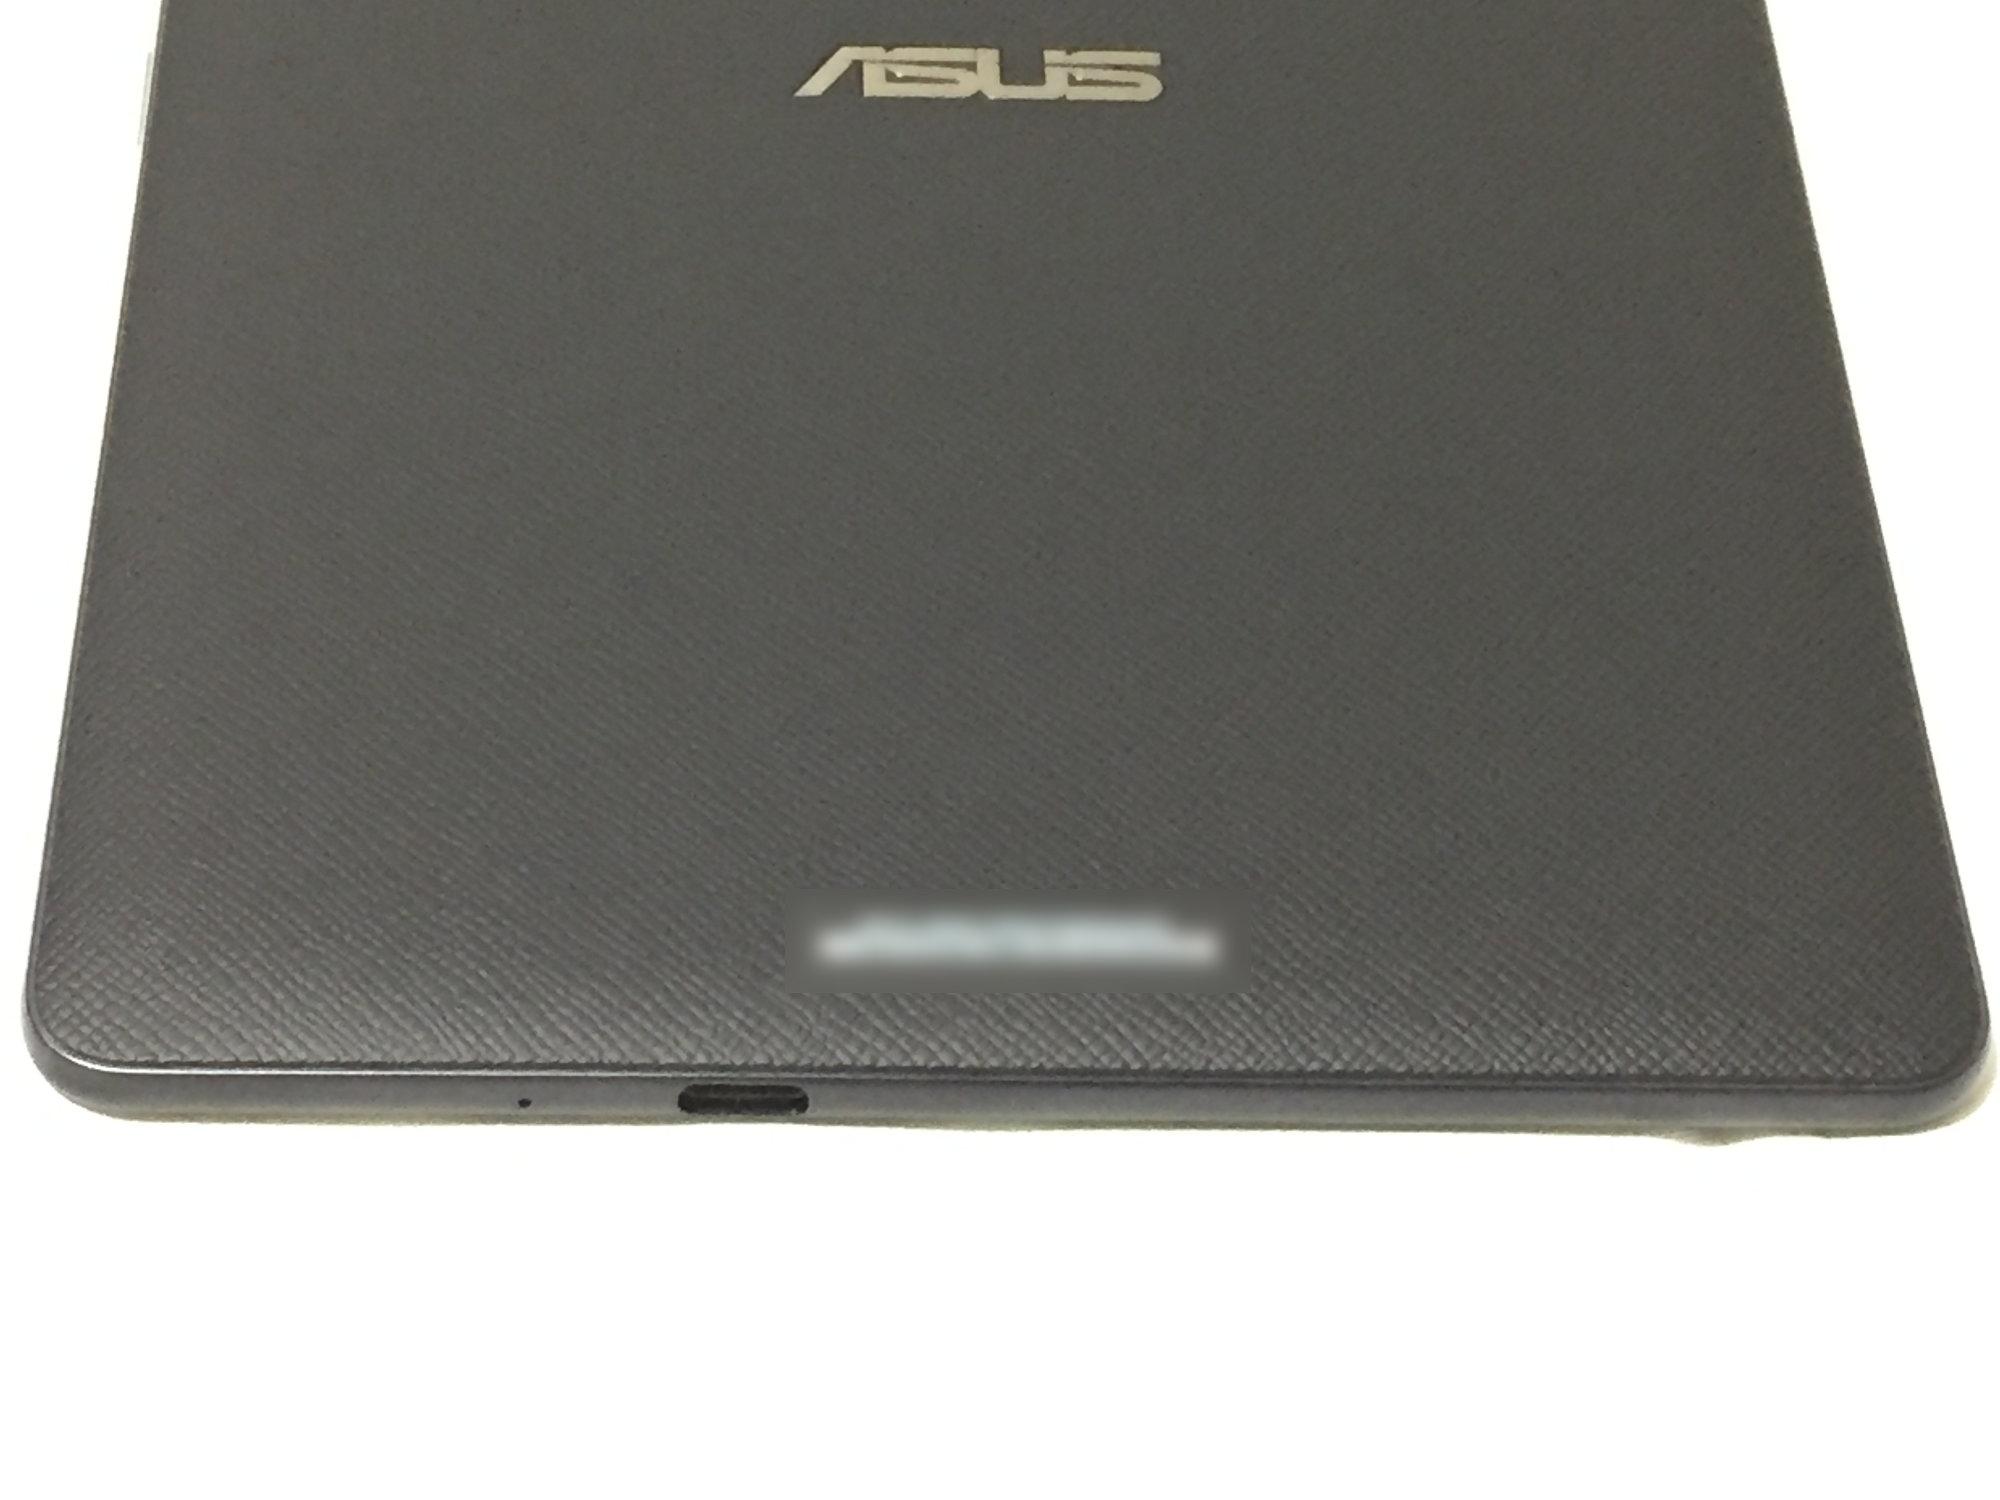 ASUS ZenPad 3 8.0 (Z581KL) 下部